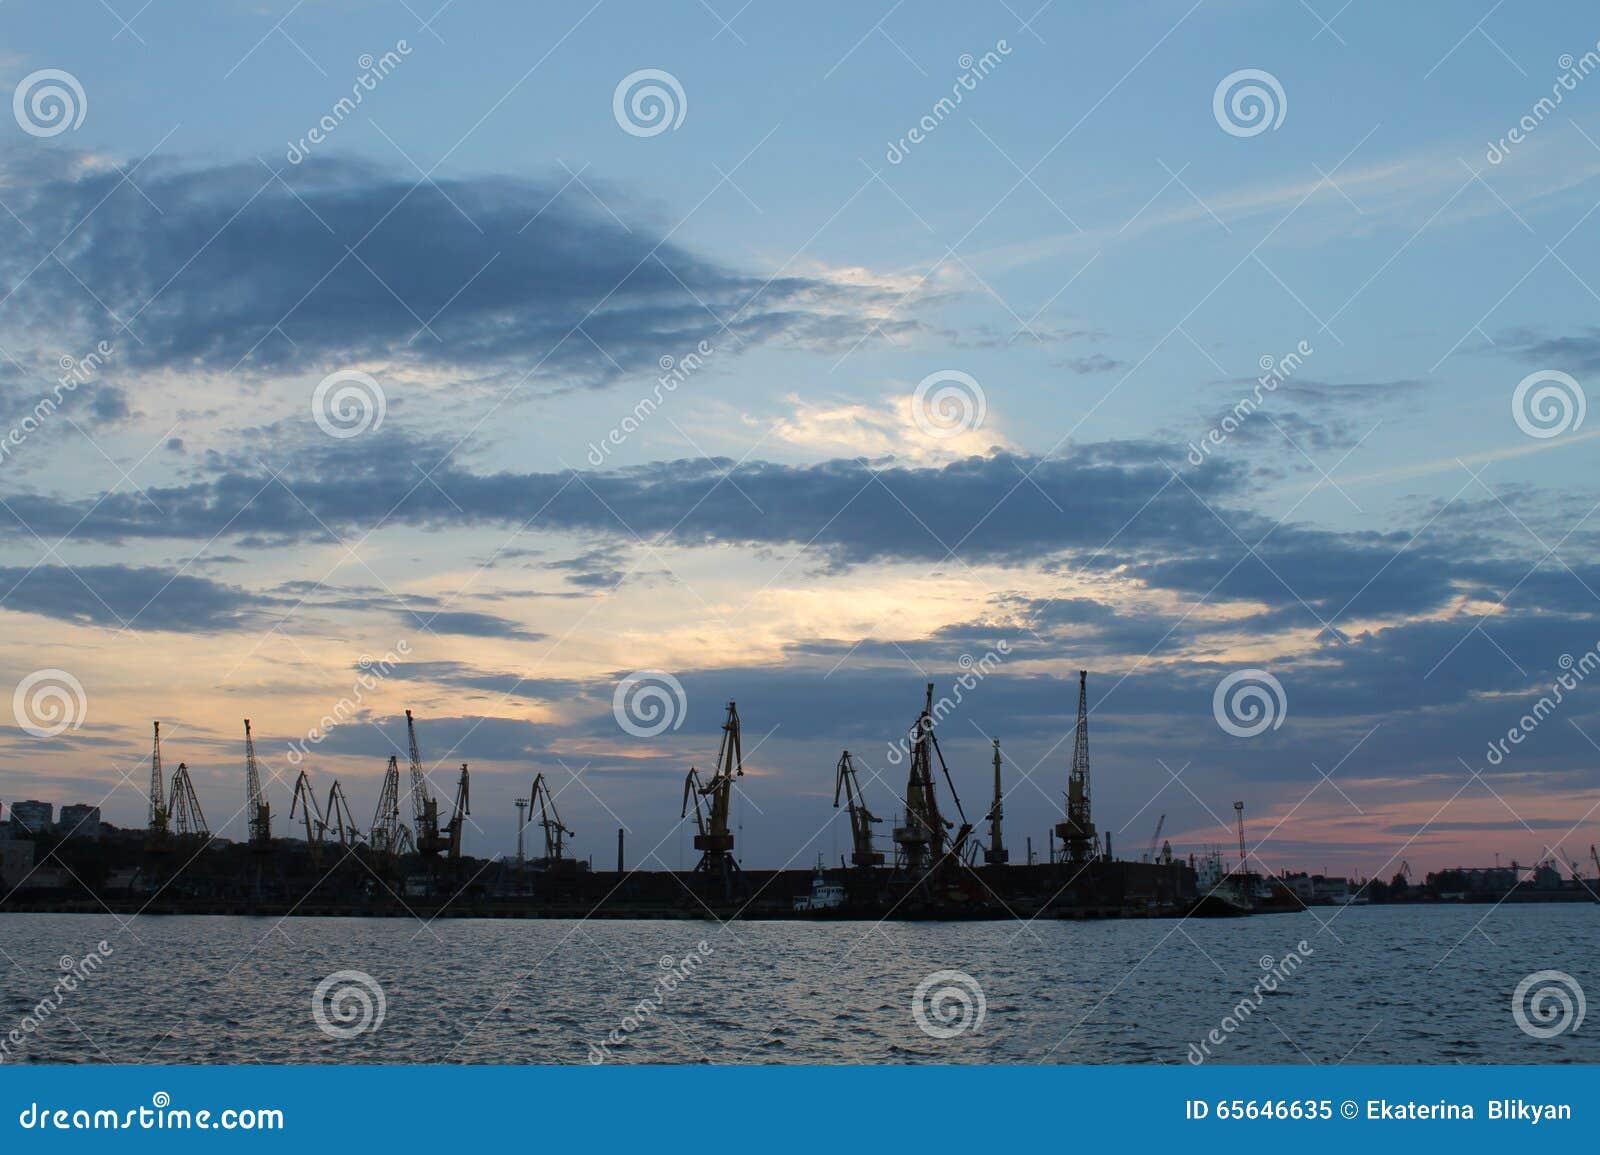 Le port de Rostov-On-Don